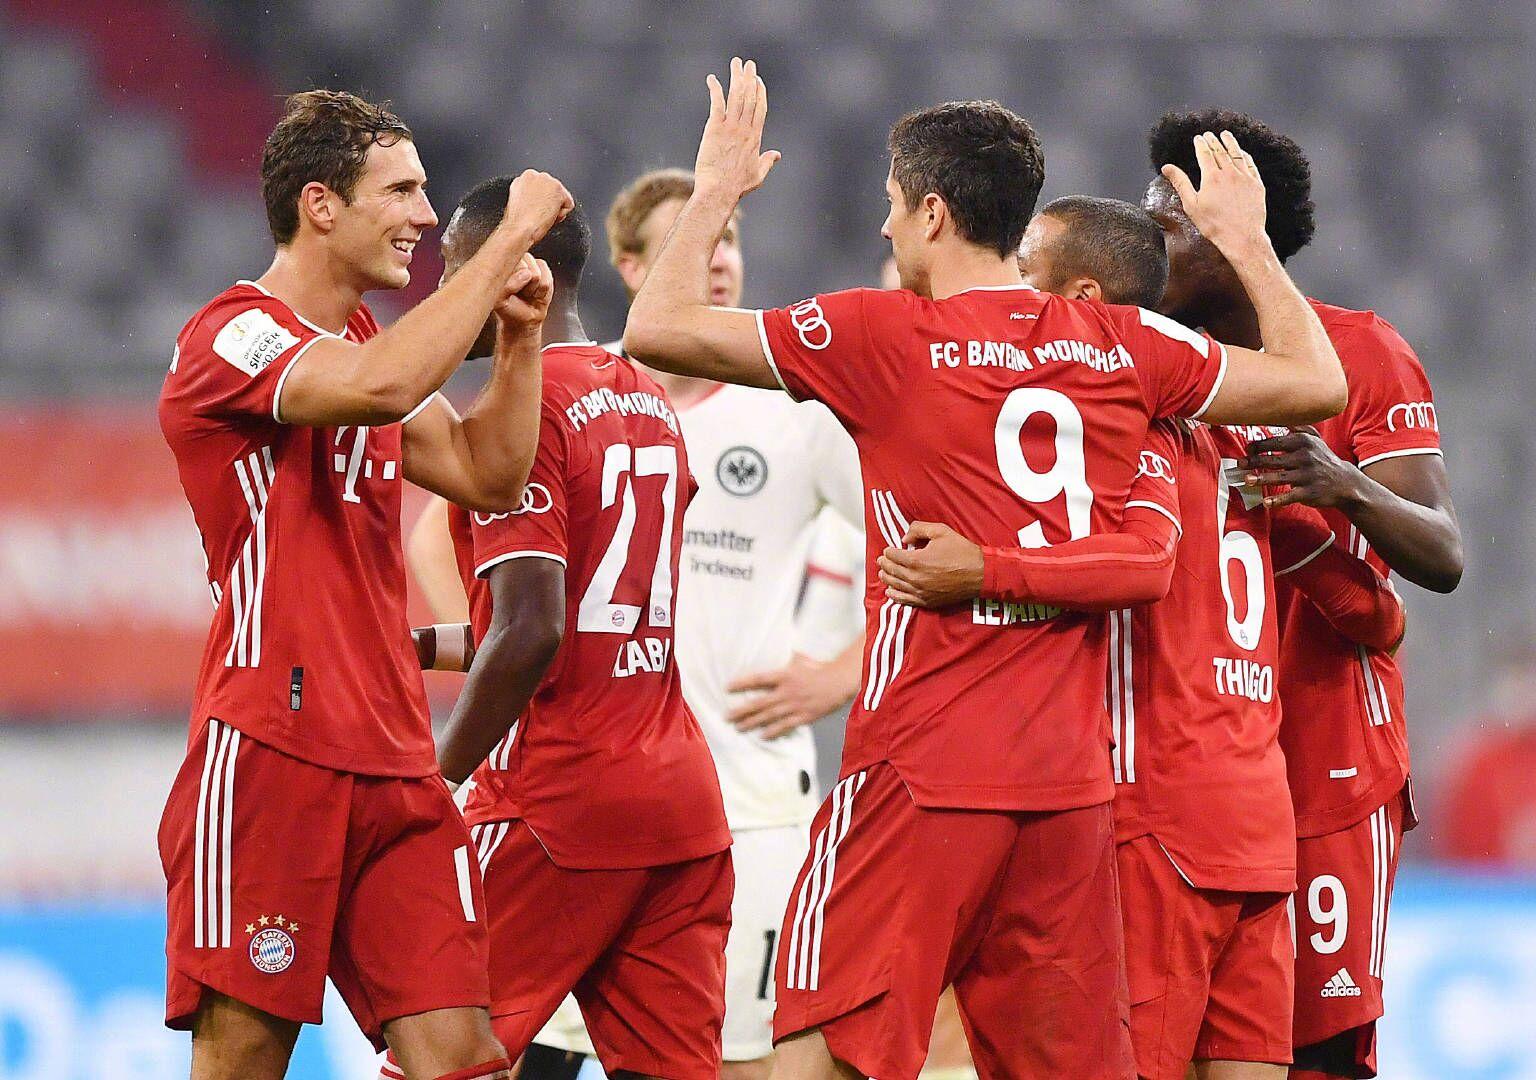 德国杯:佩里西奇莱万建功,拜仁2-1法兰克福晋级决赛